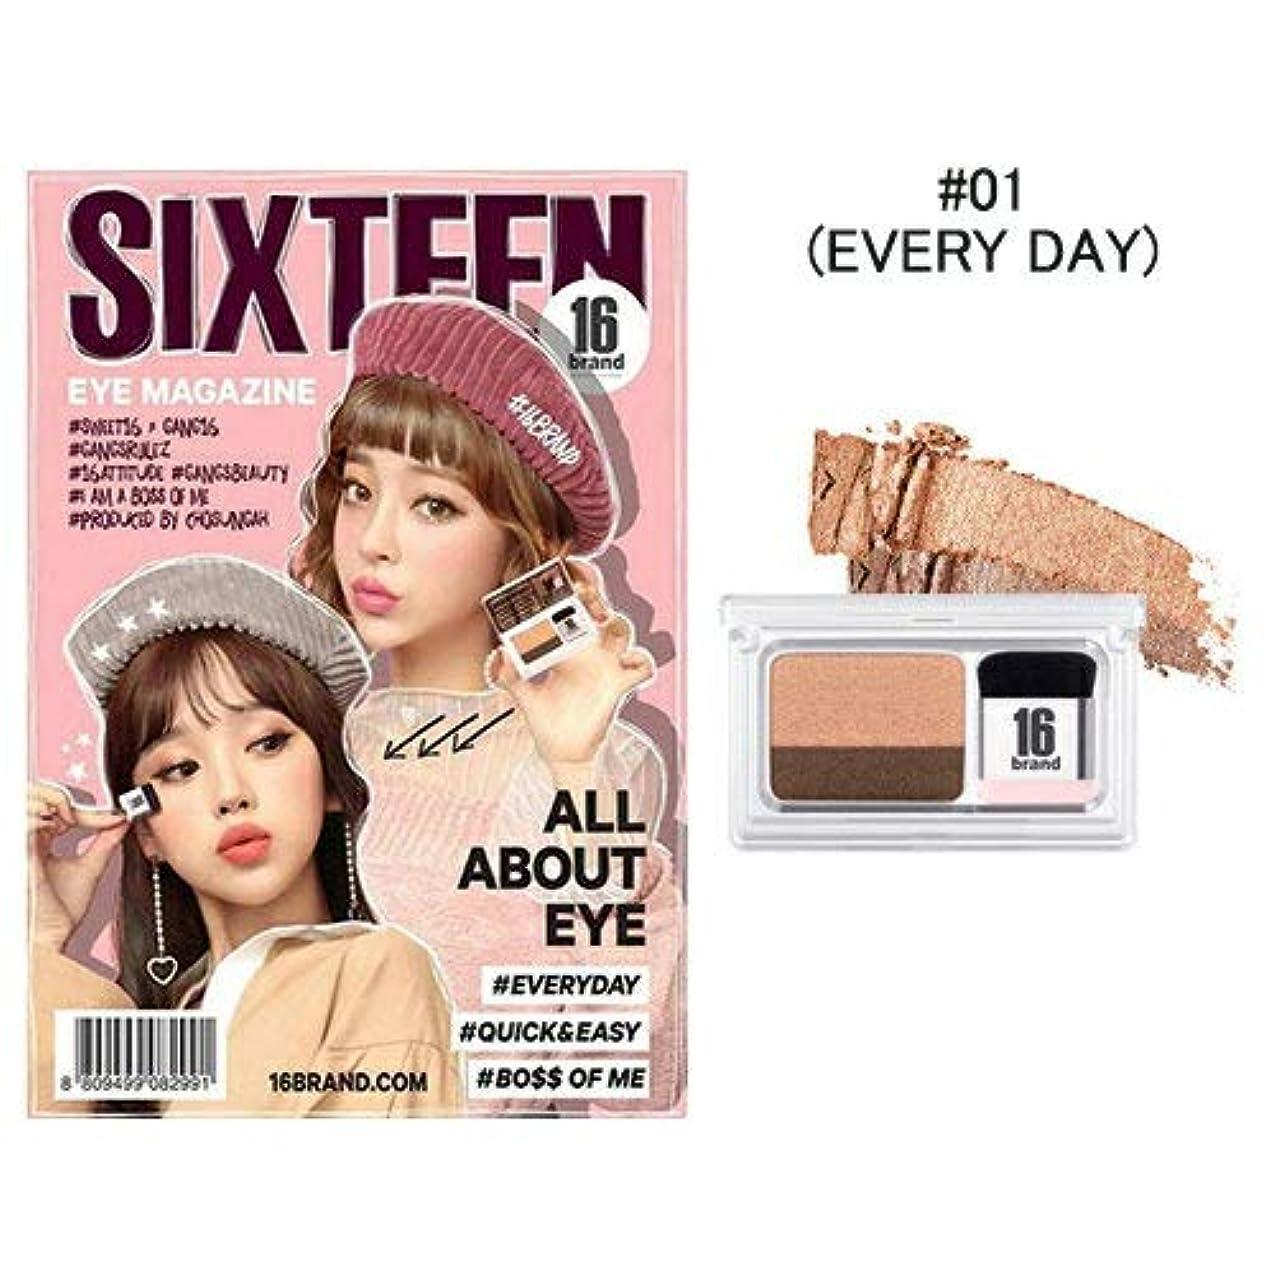 驚いたことにお金まぶしさ[New Color] 16brand Sixteen Eye Magazine 2g /16ブランド シックスティーン アイ マガジン 2g (#01 EVERY DAY) [並行輸入品]